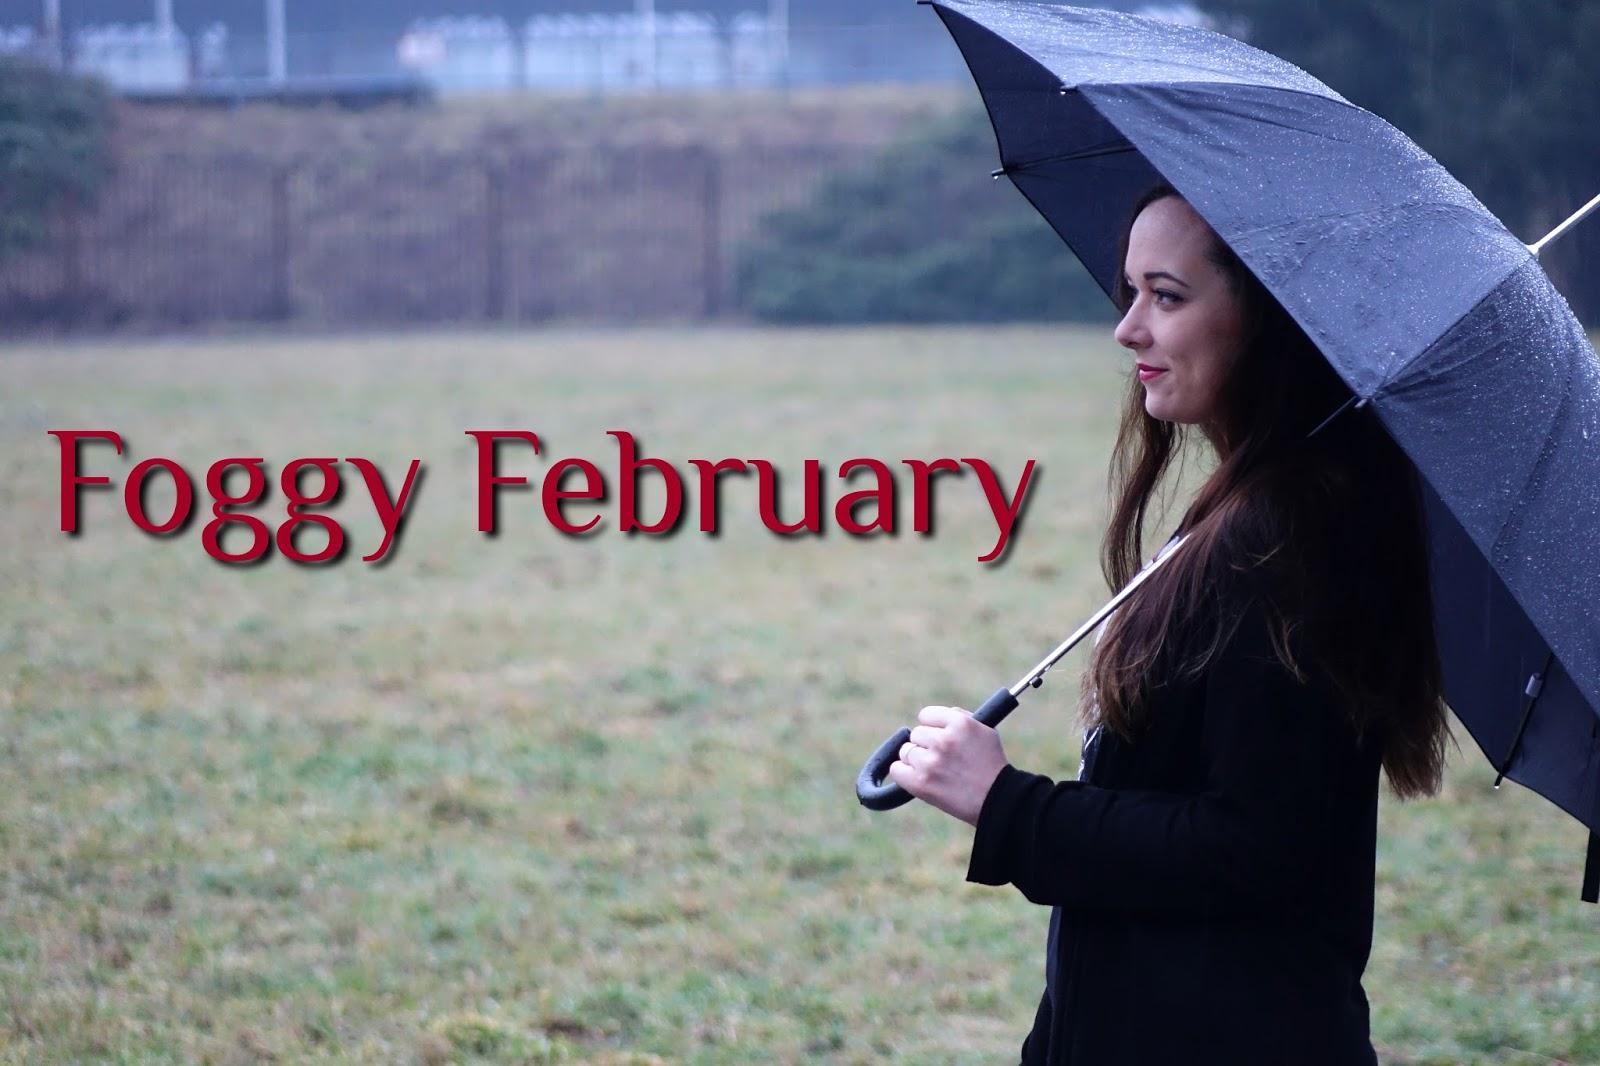 Foggy February